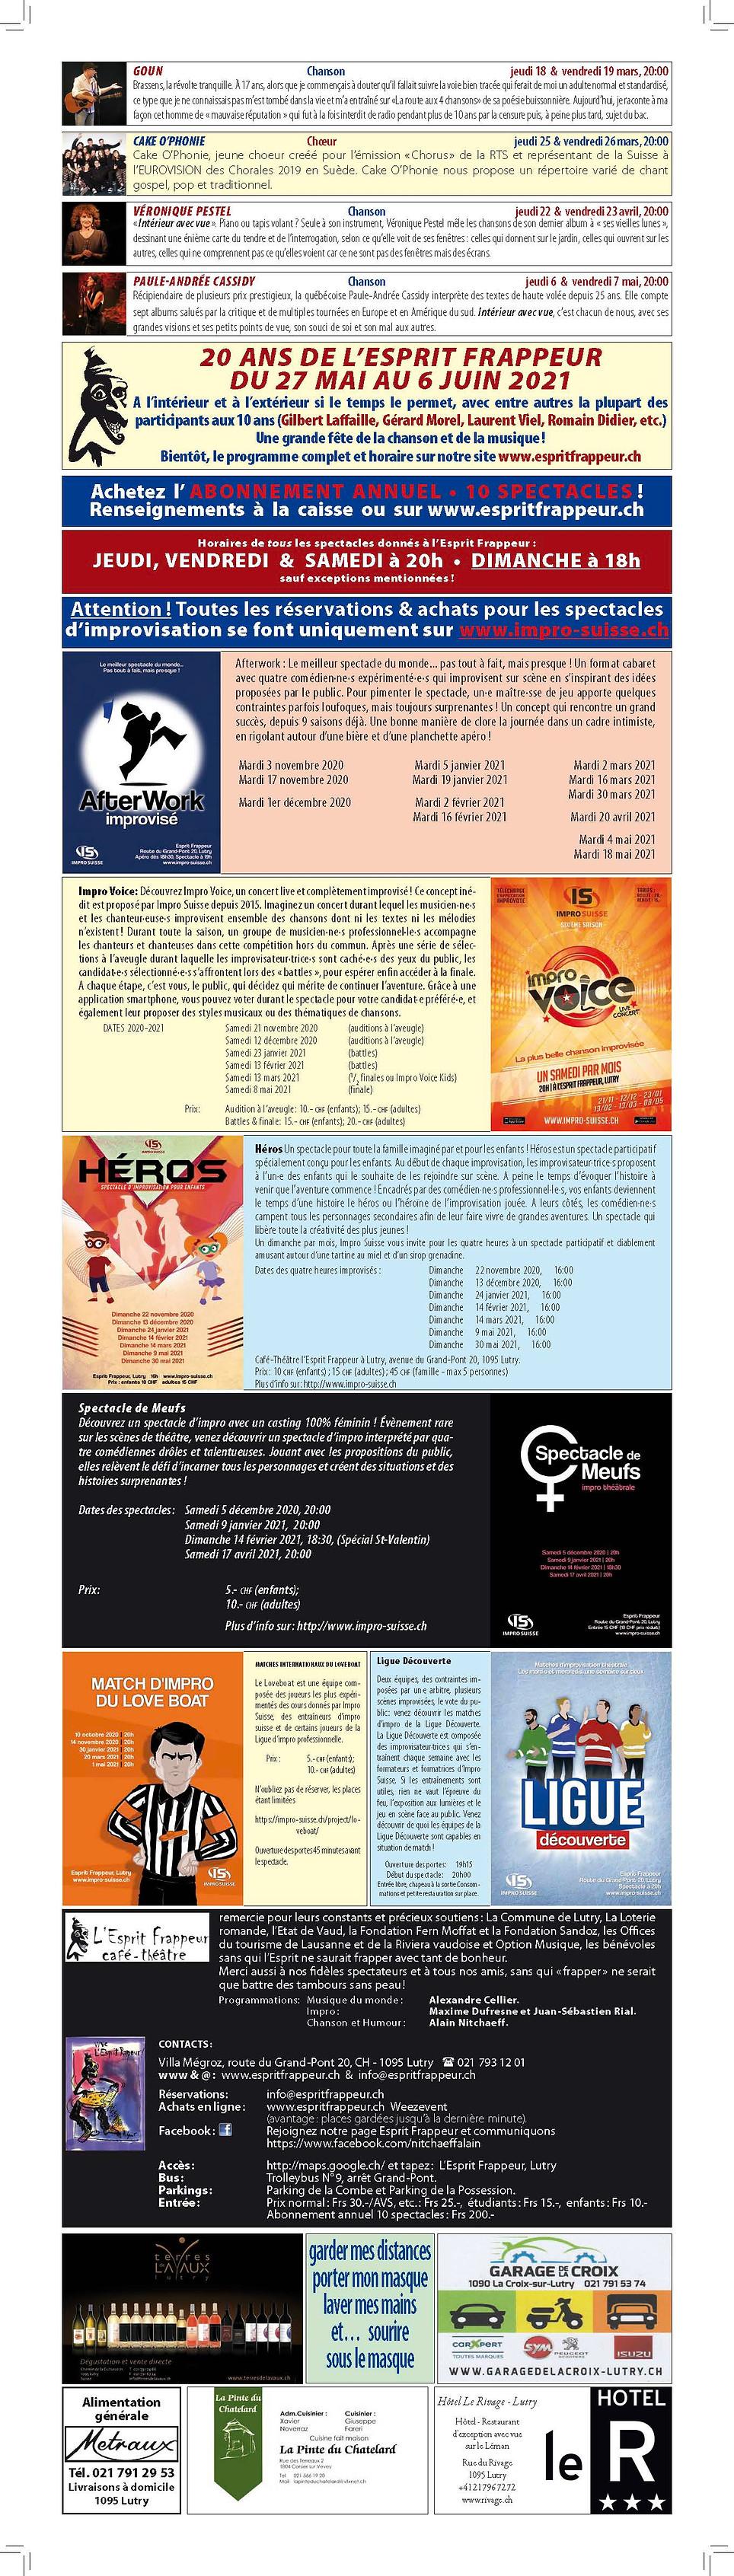 ESPRIT FRAPPEUR 20-21_Page_2.jpg